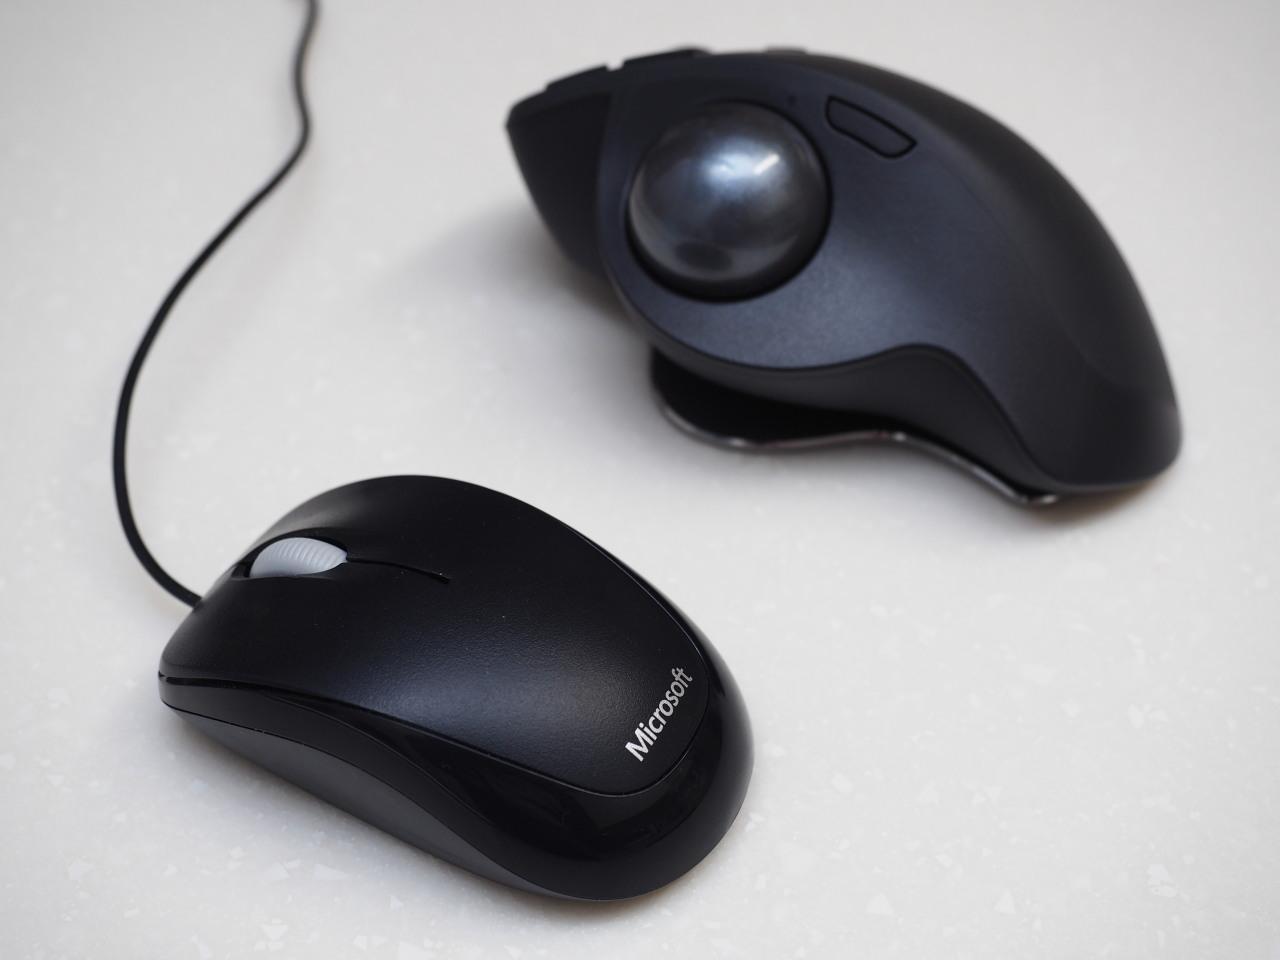 愛用のマウス